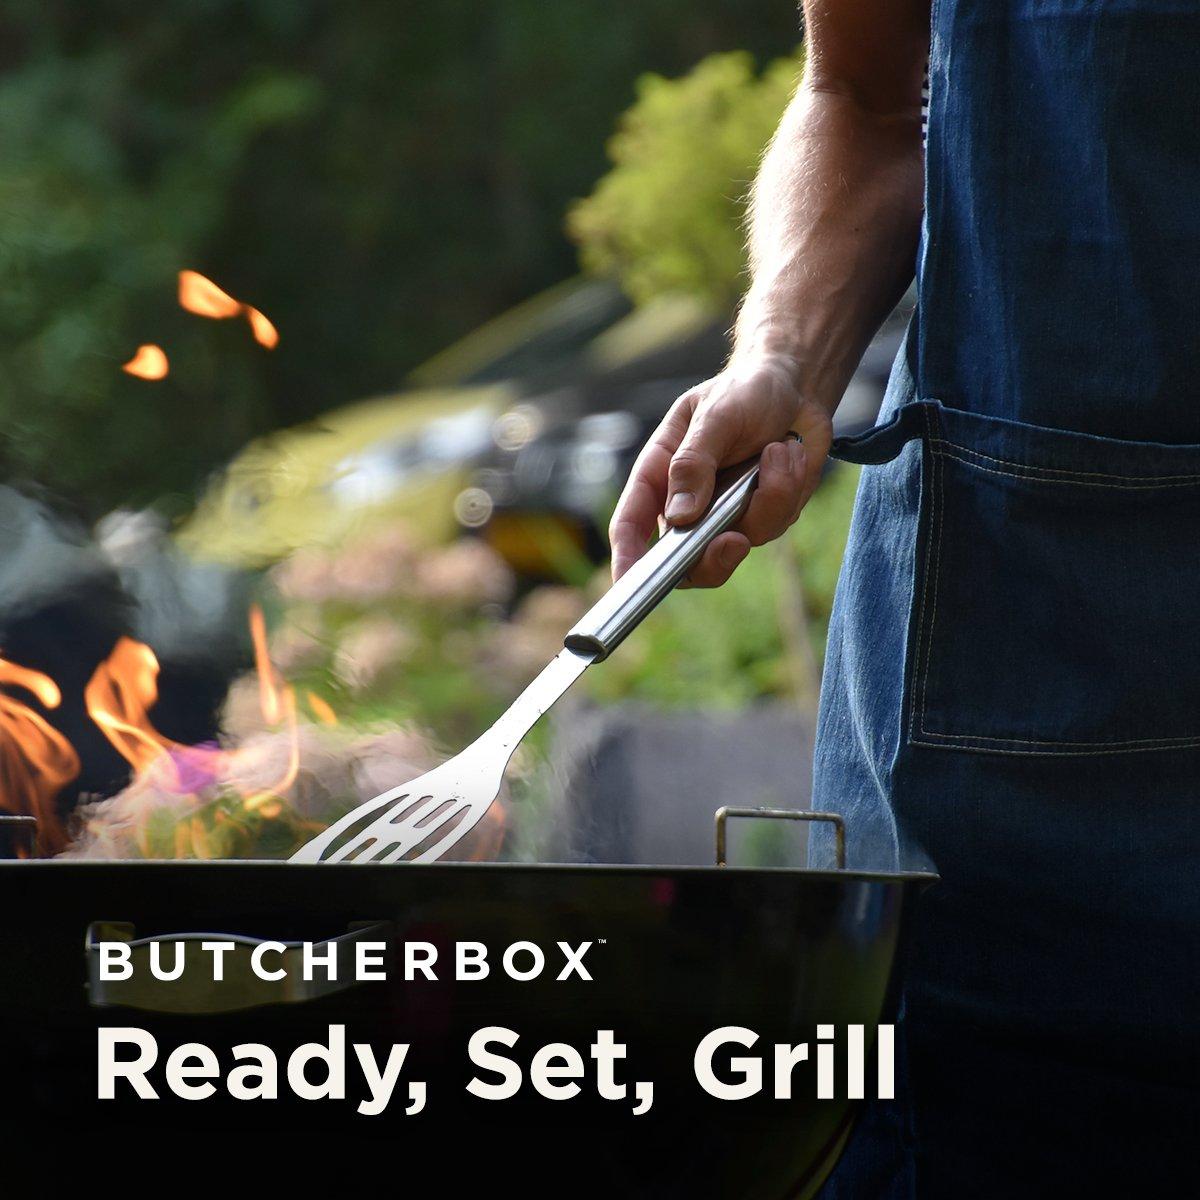 ButcherBox Grill FREE BBQ Bundle